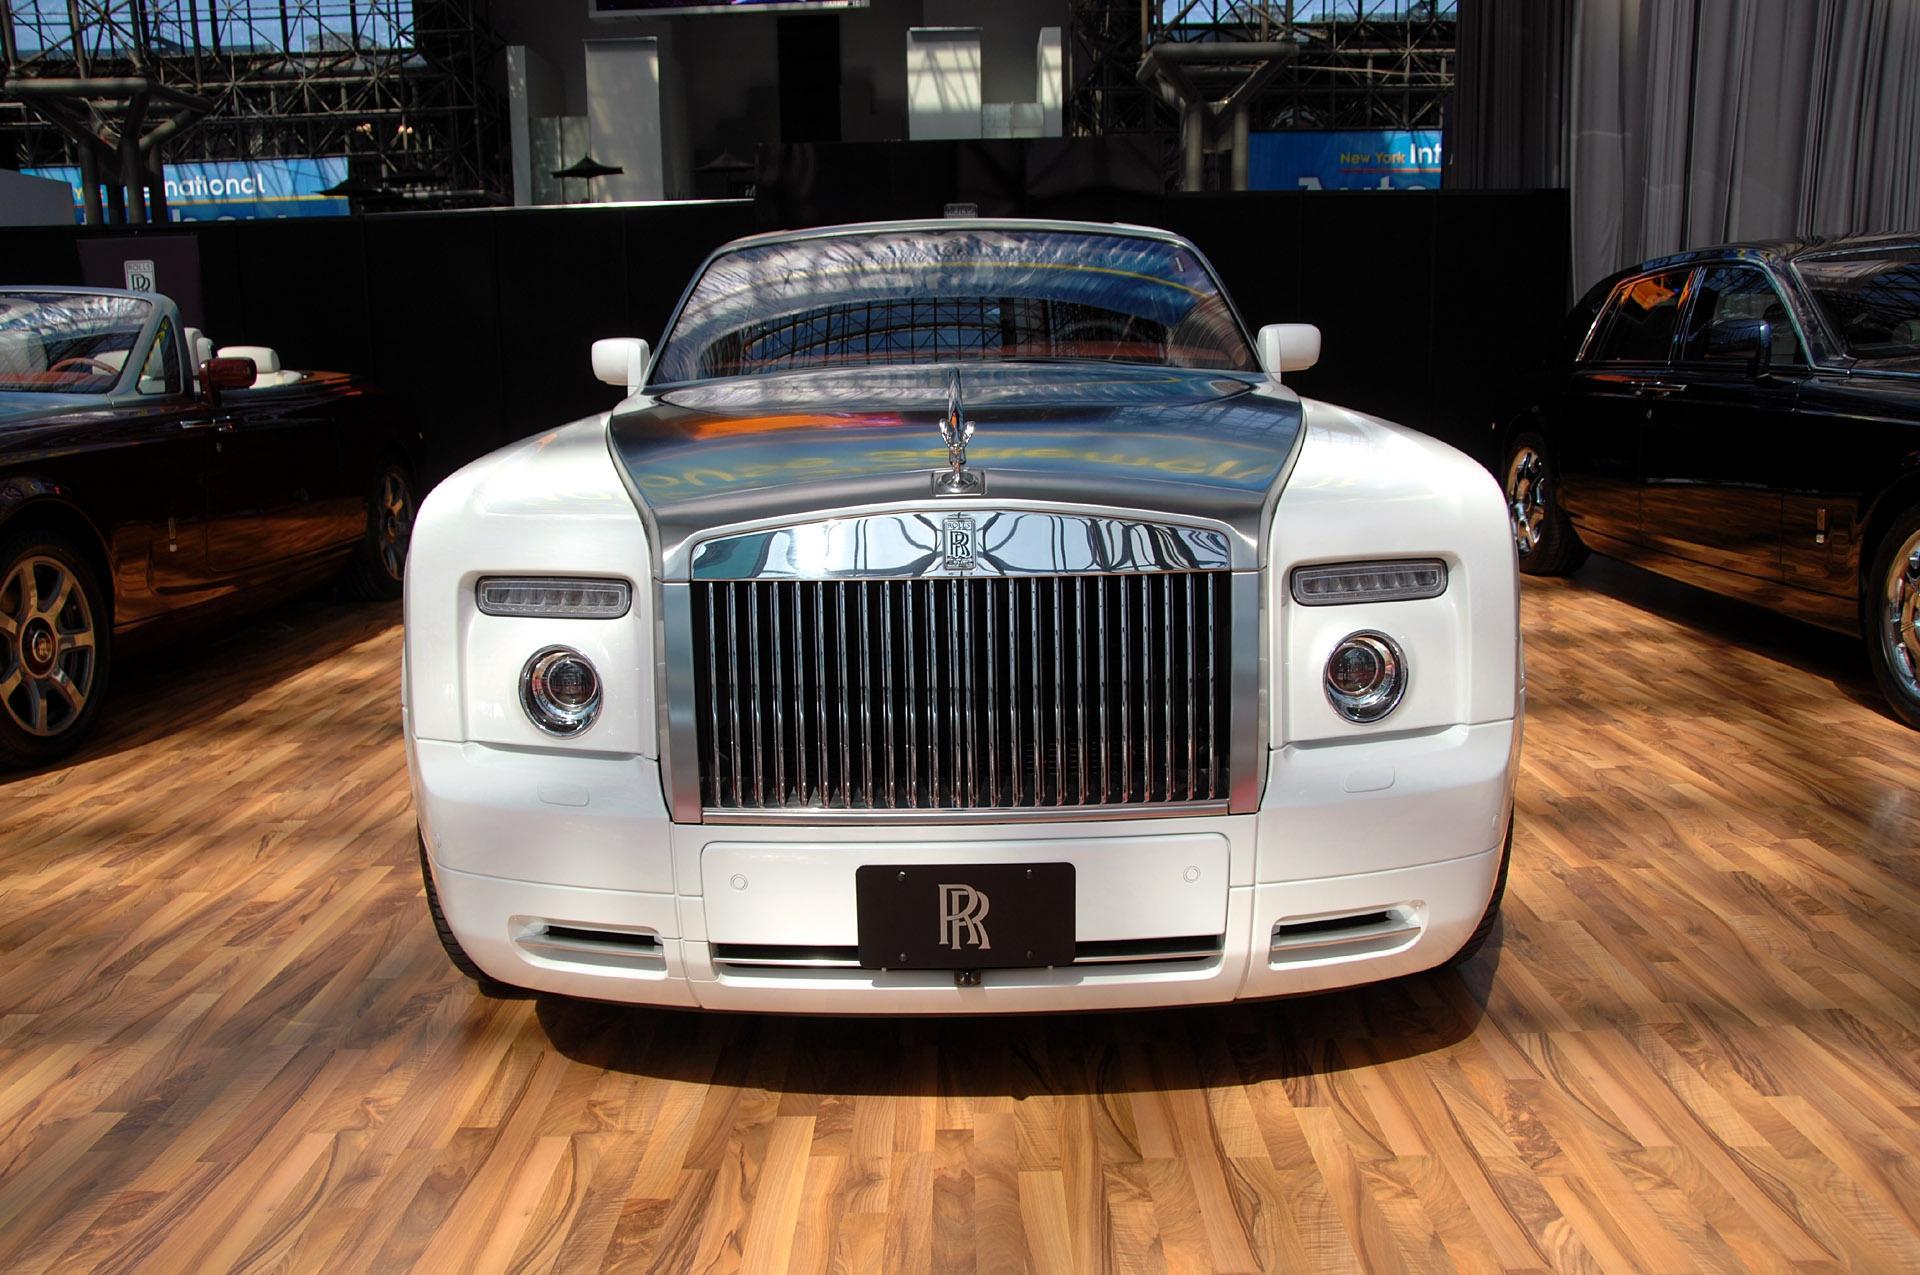 rolls royce car - HD1920×1275